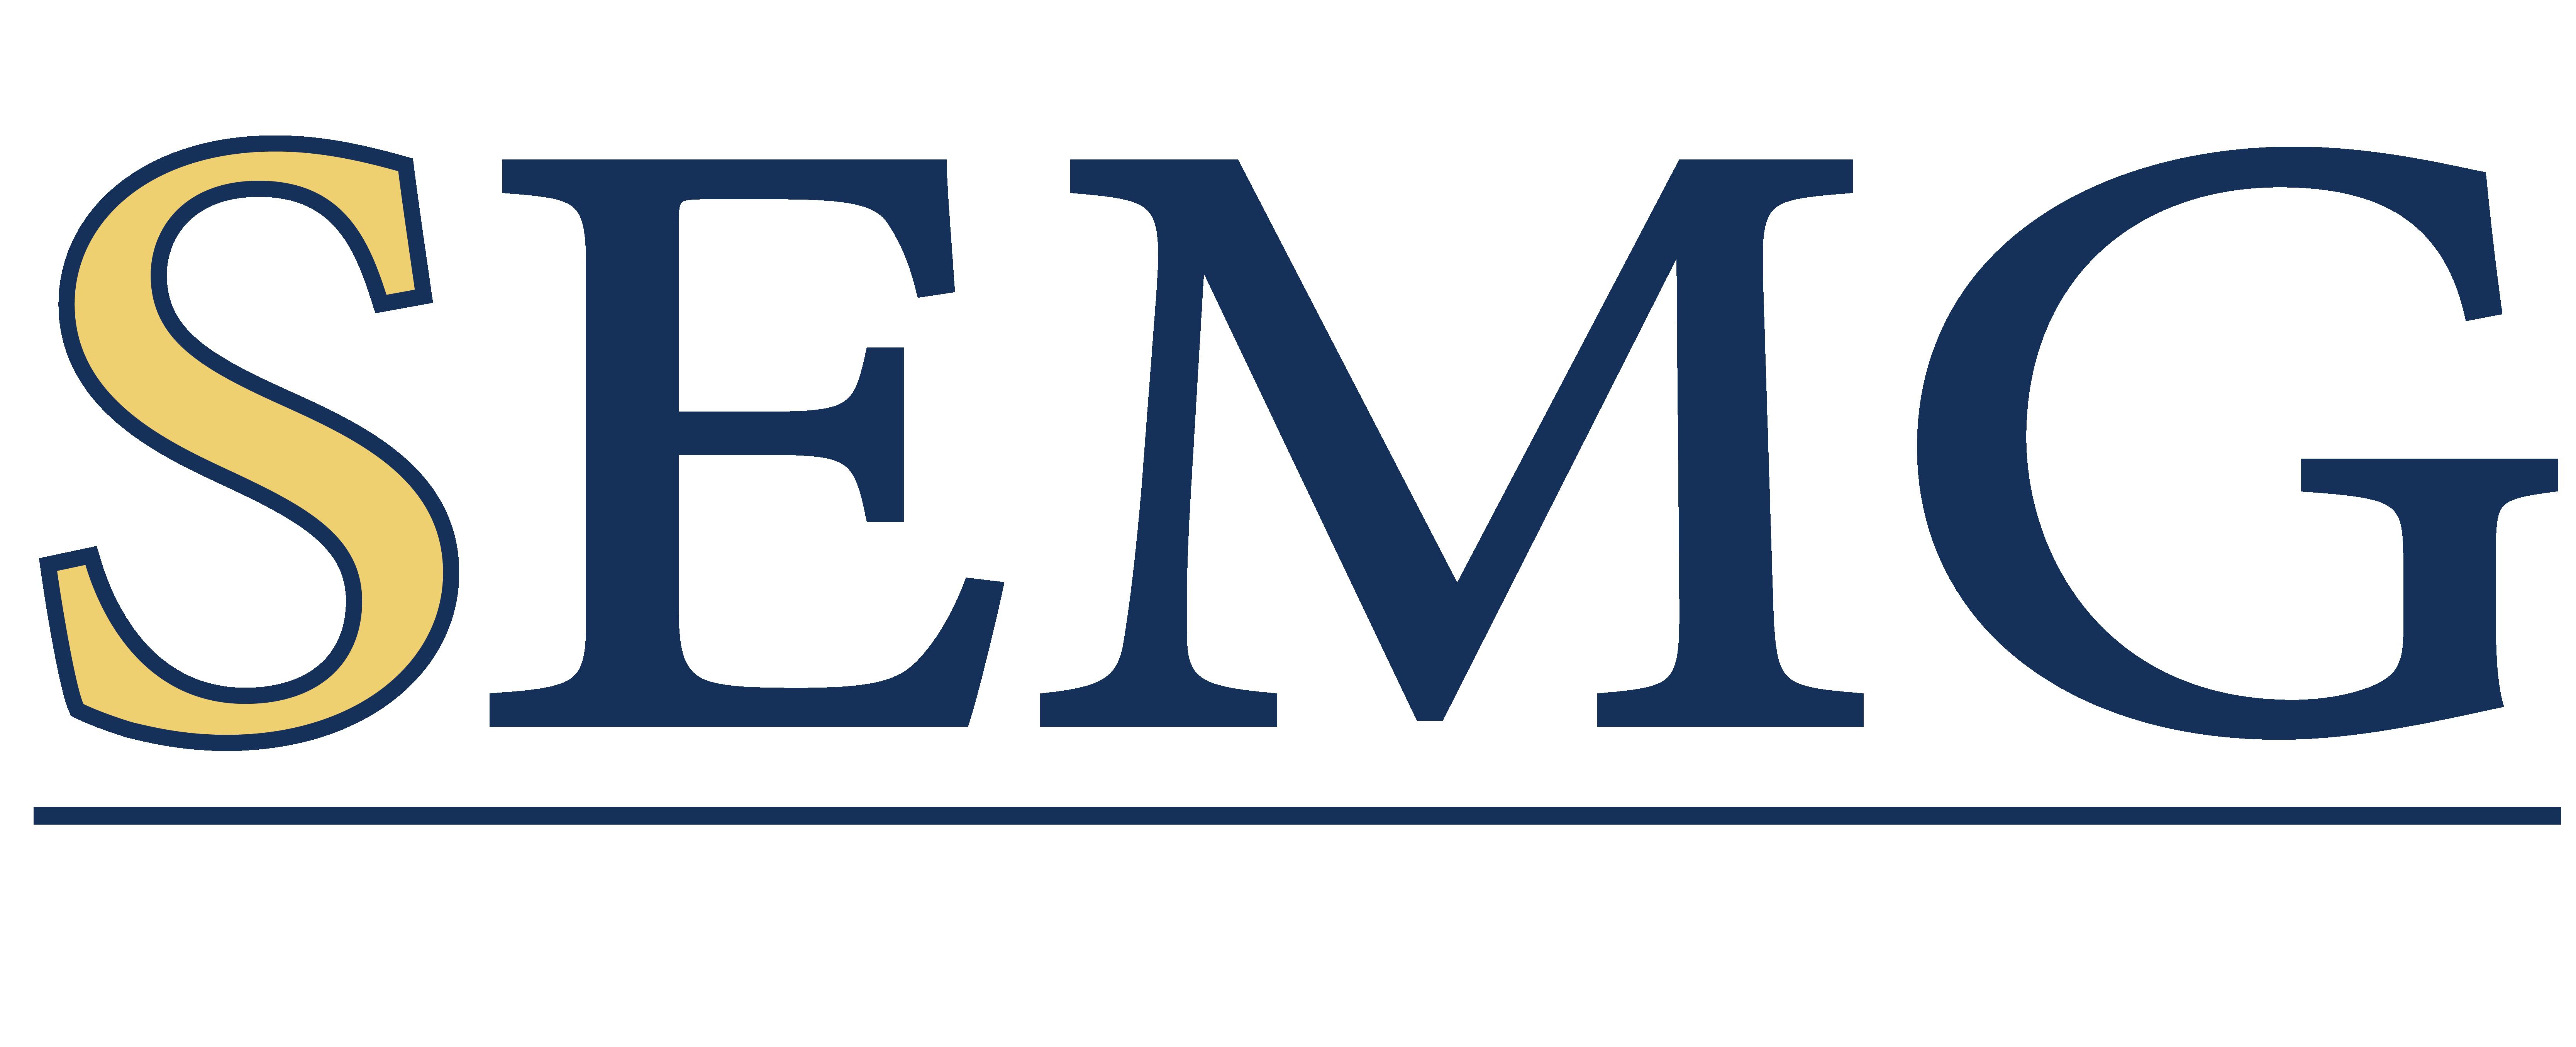 SEMG Logo